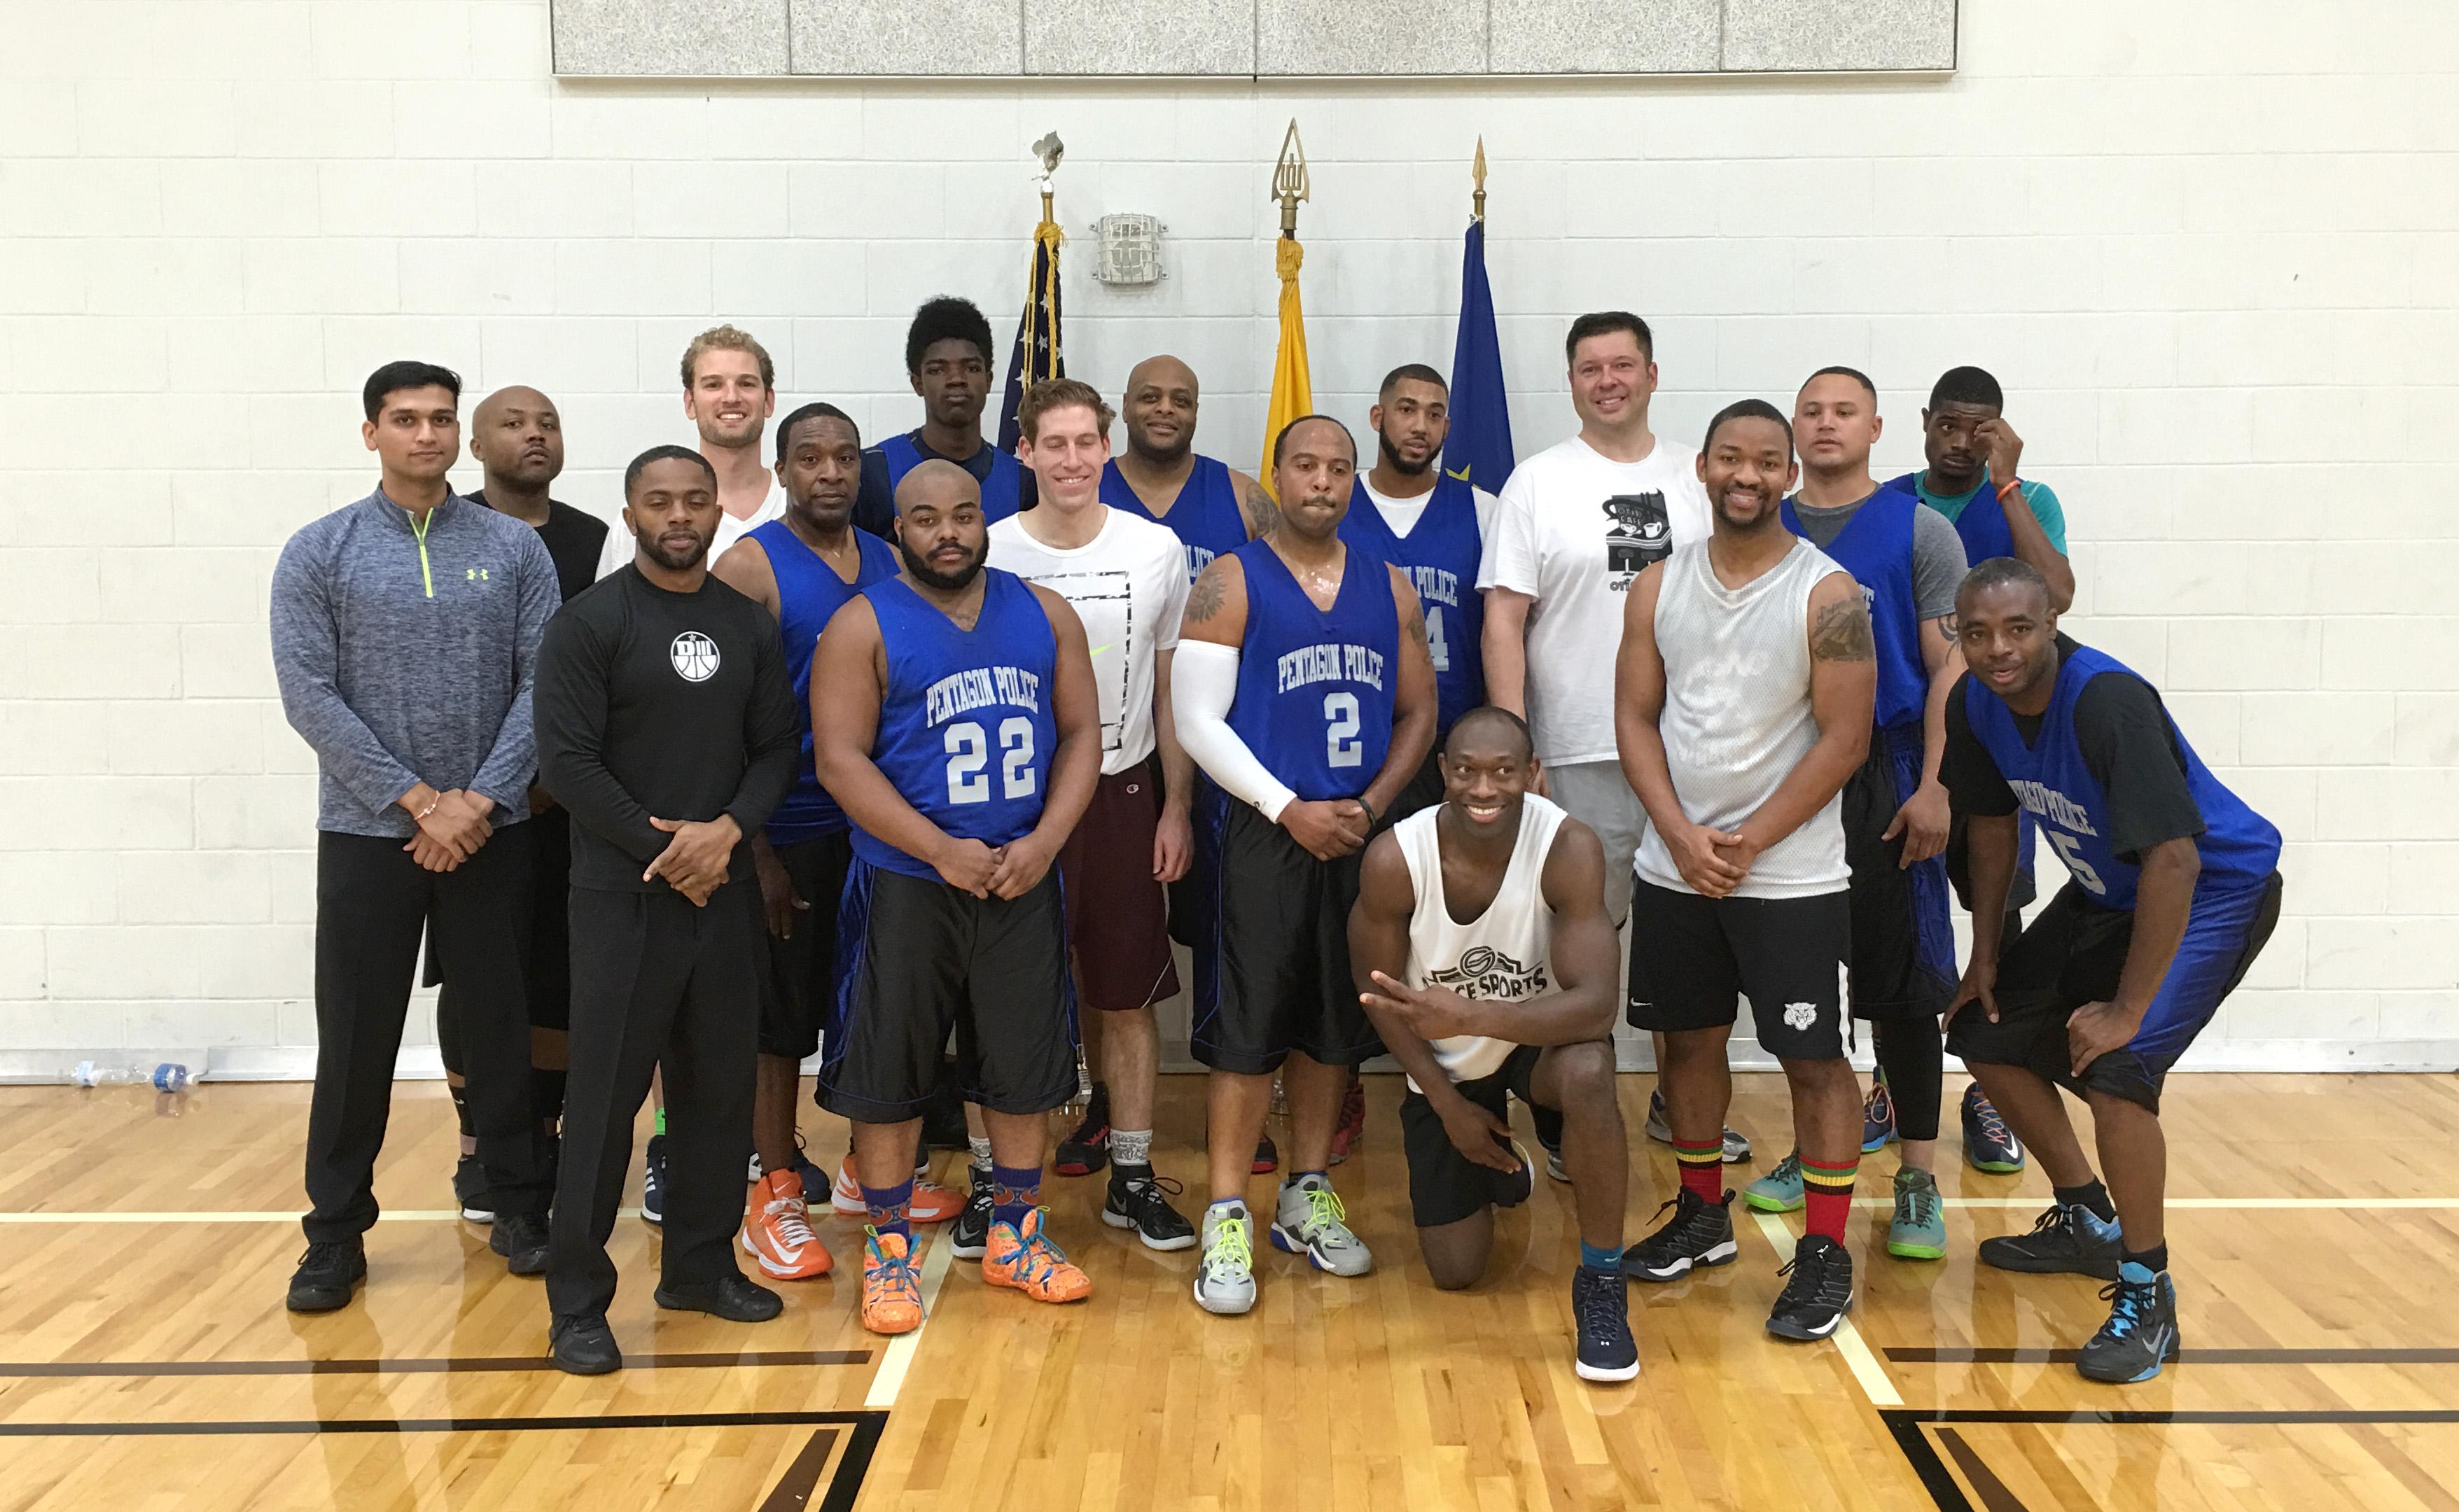 Abidvi amerikiečių komandos ketvirtfinalyje žaidė tarpusavyje.